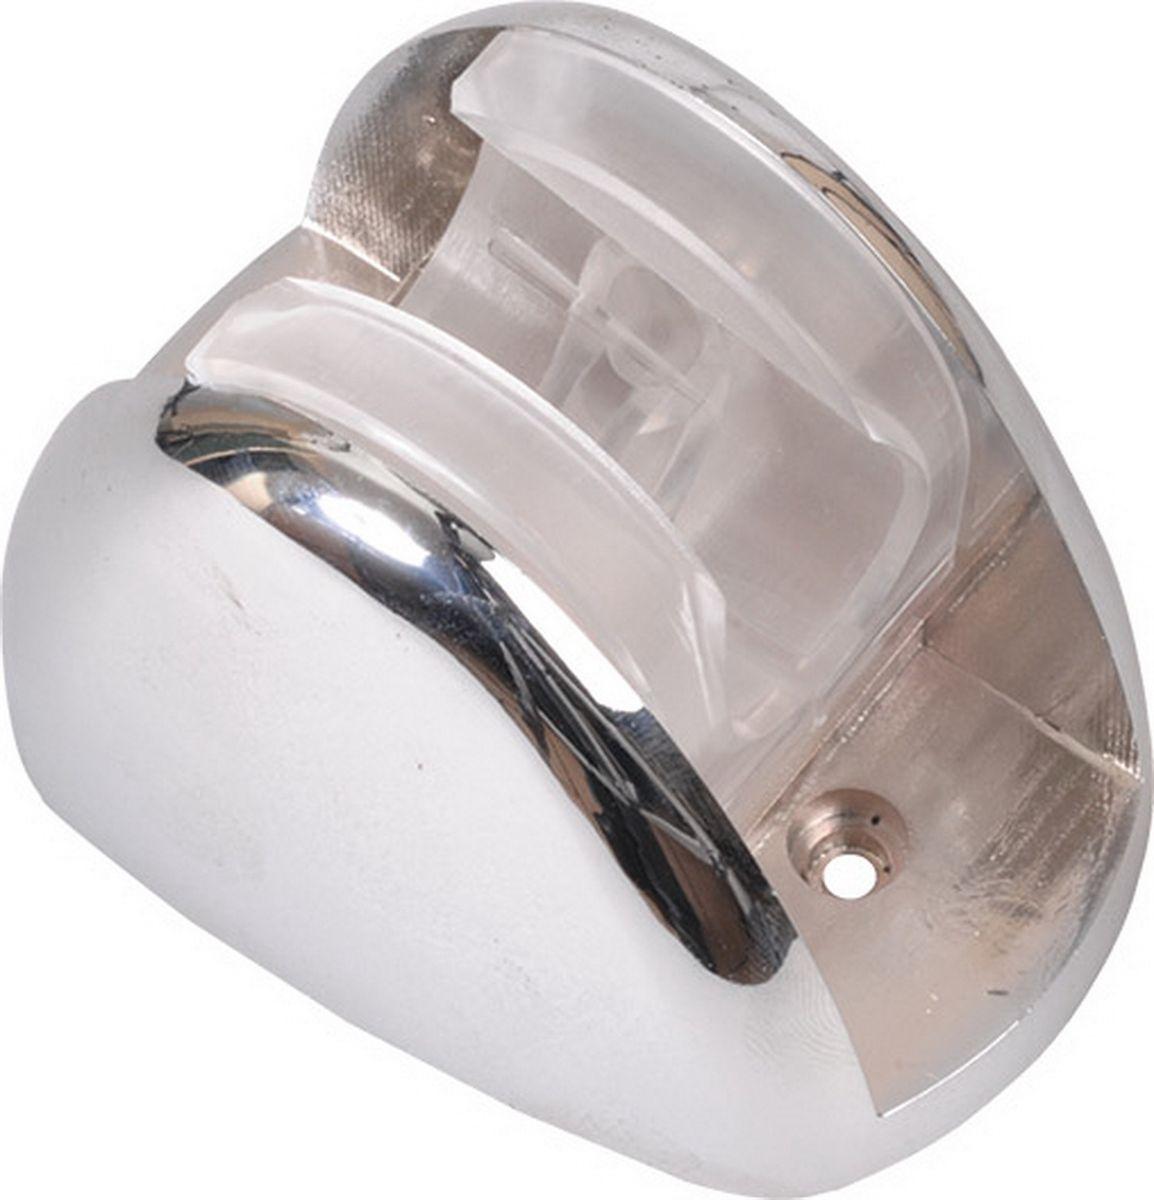 Argo Кронштейн для душа пластиковый наклонный, G33922Кронштейн для душа пластиковый наклонный Argo g